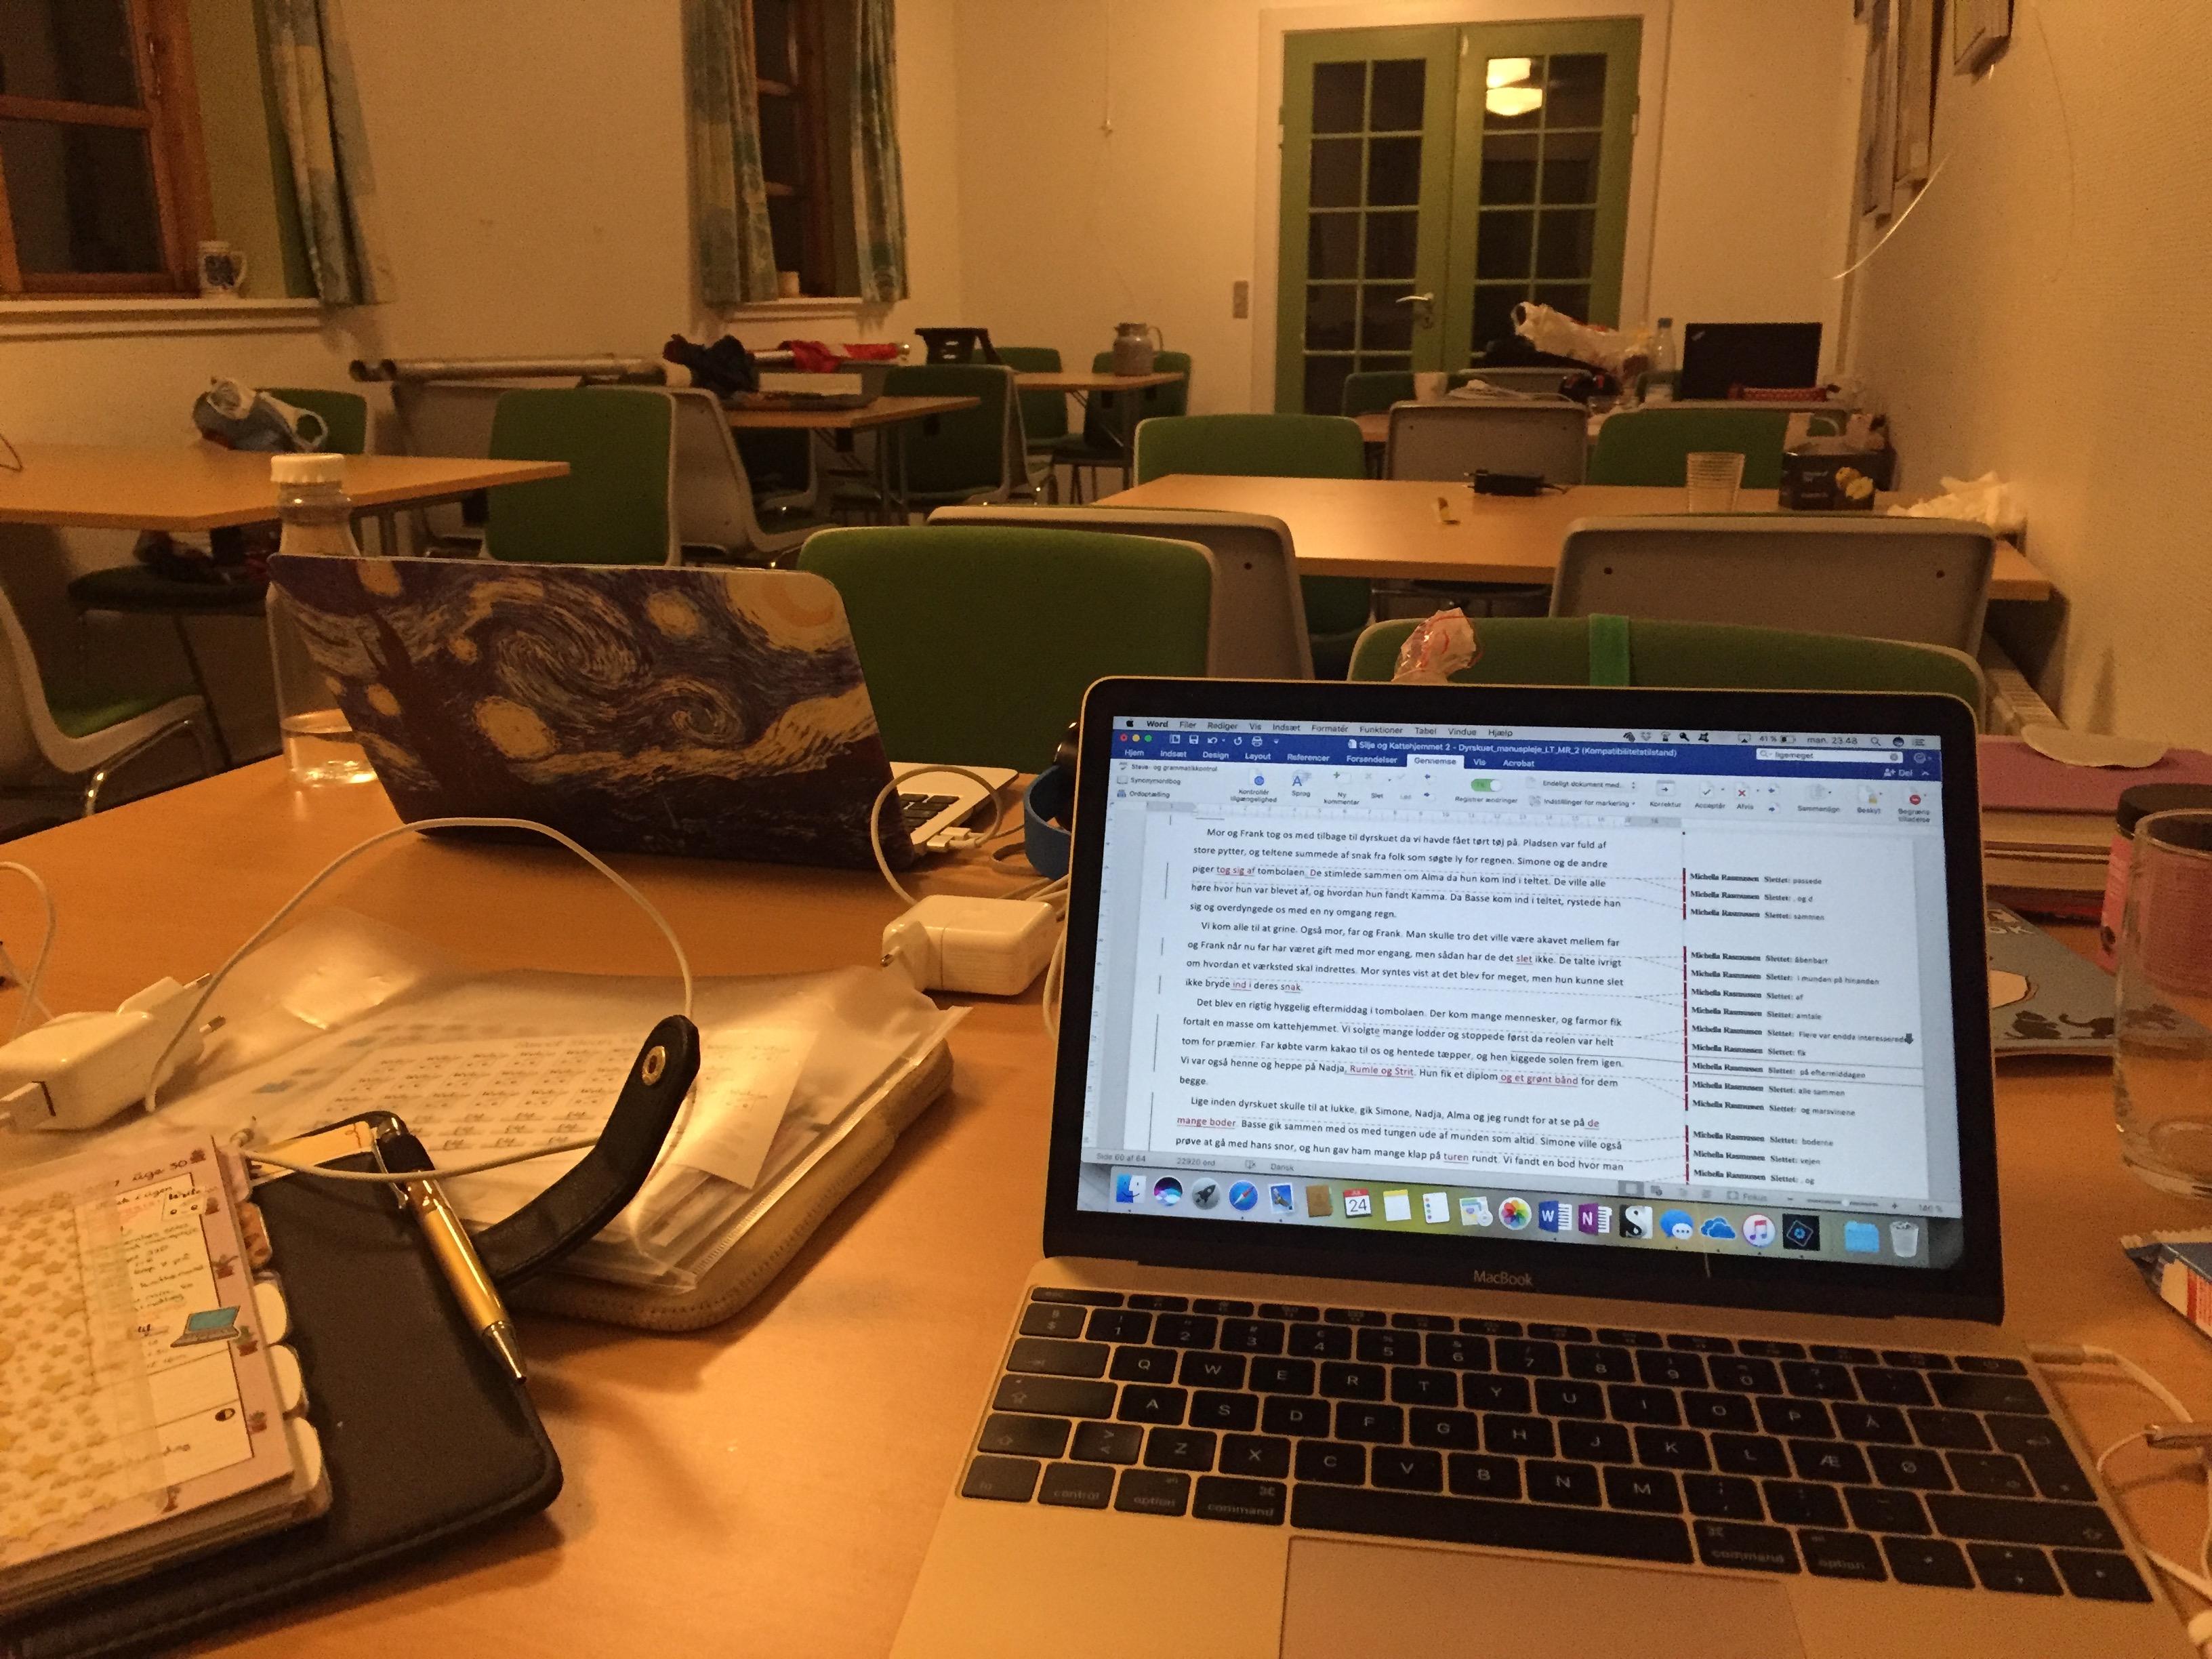 Skriveferie med HUF - Midnatsskrivning alene